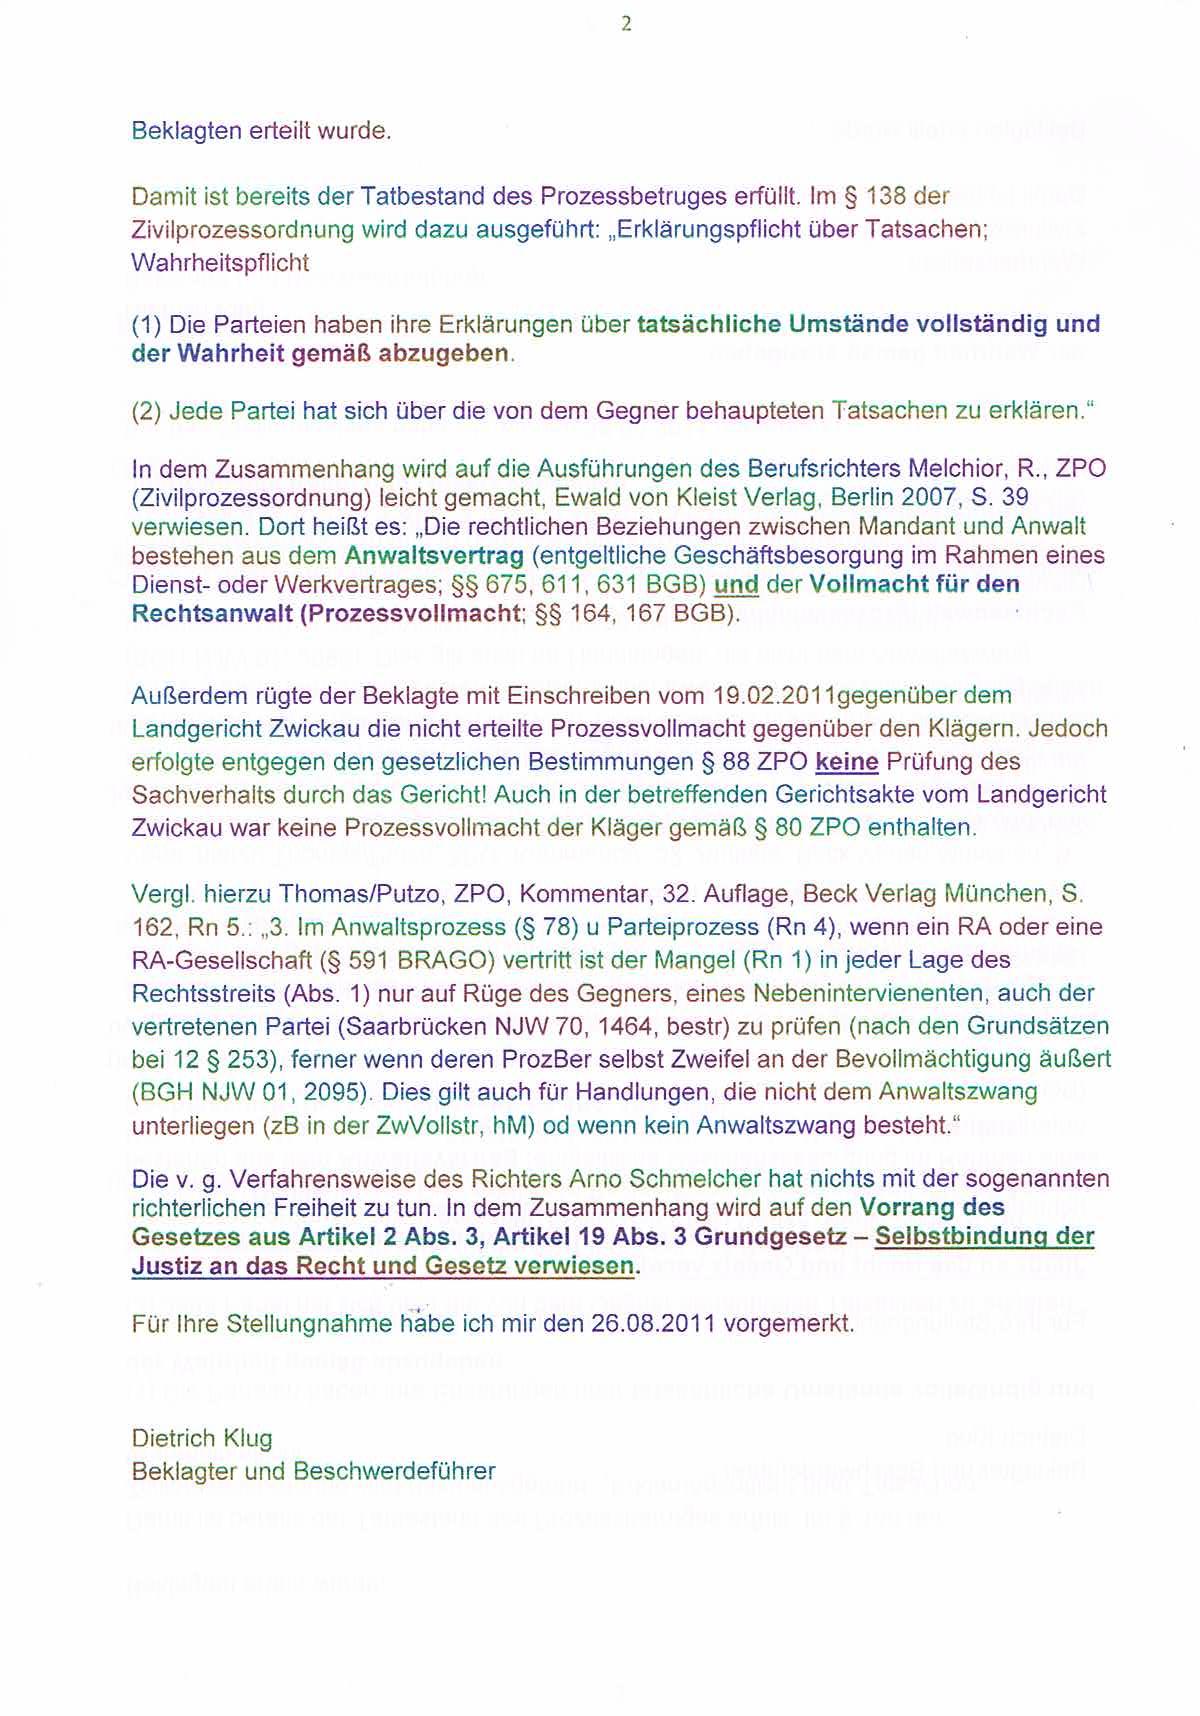 Schreiben an den Direktor vom Amtsgericht Plauen S. 1